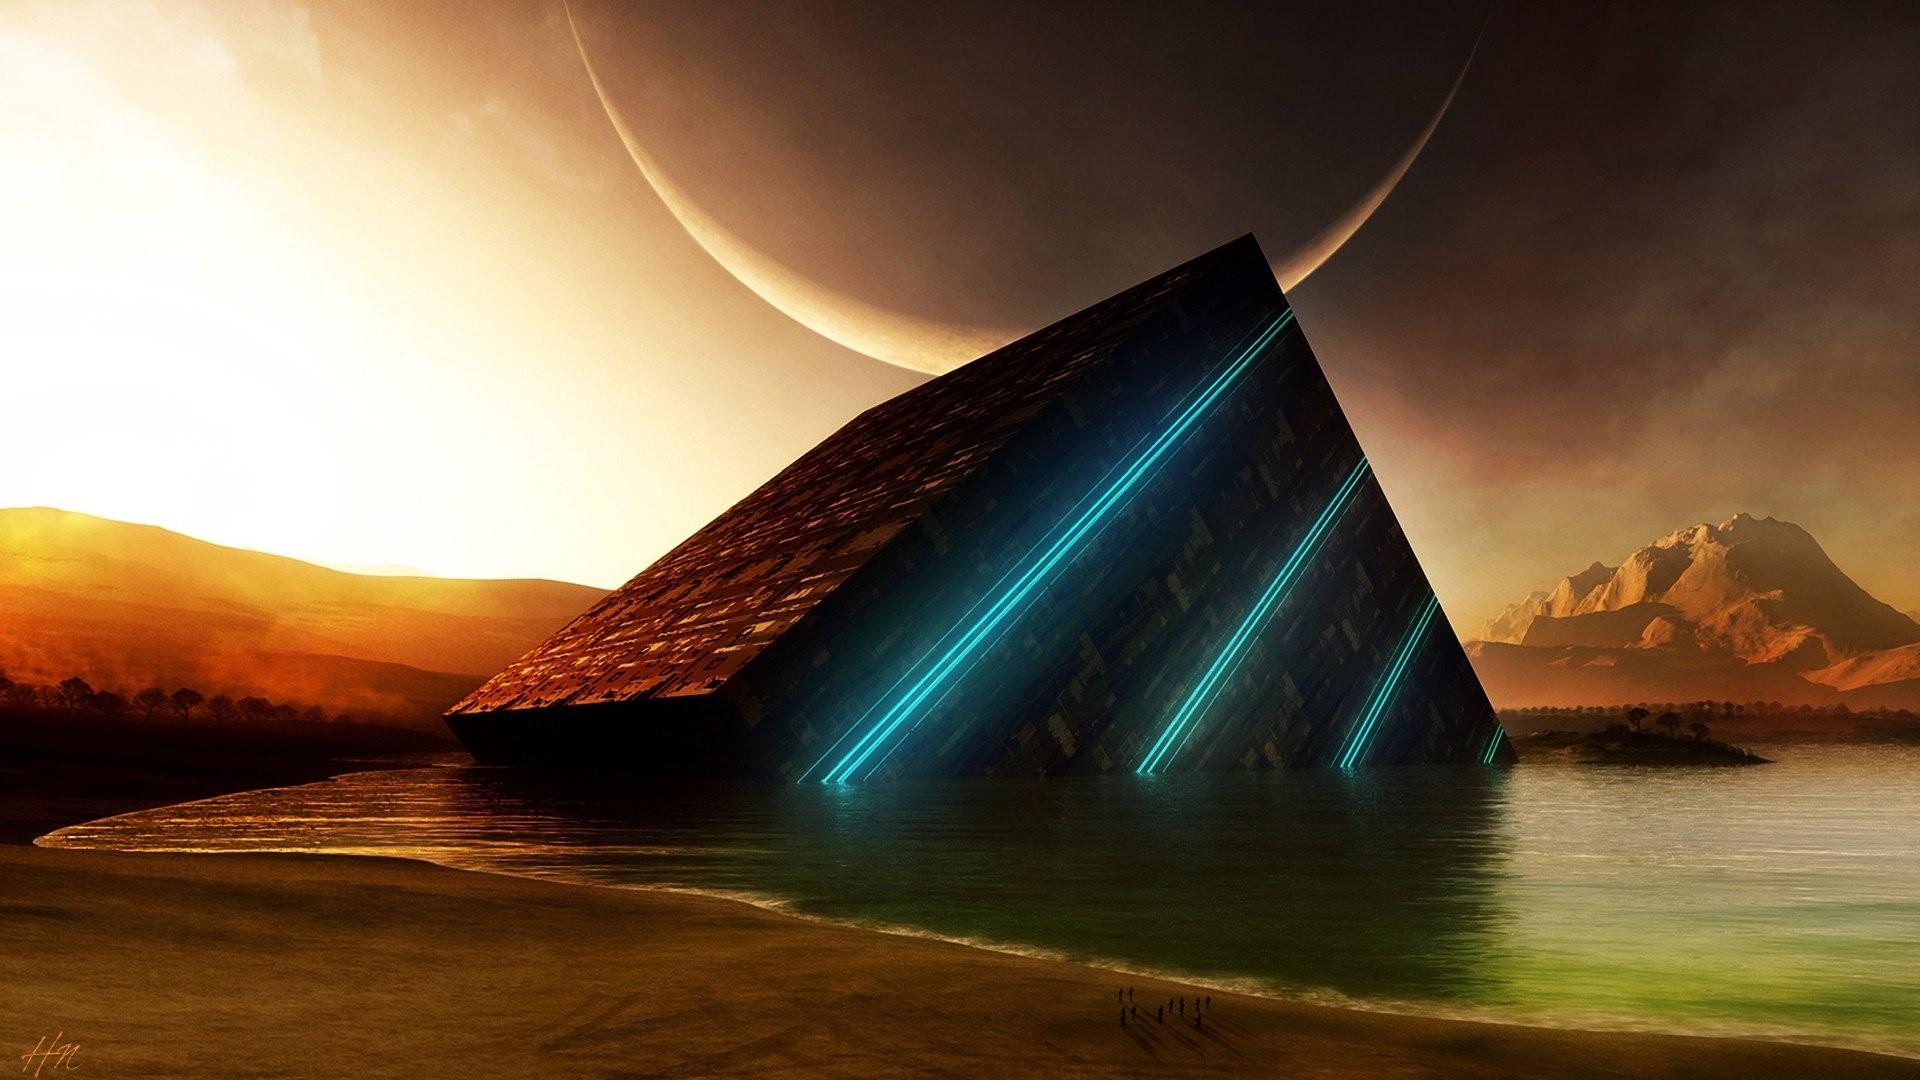 Artwork Fantasy Art Sea Beaches Mountains Planets